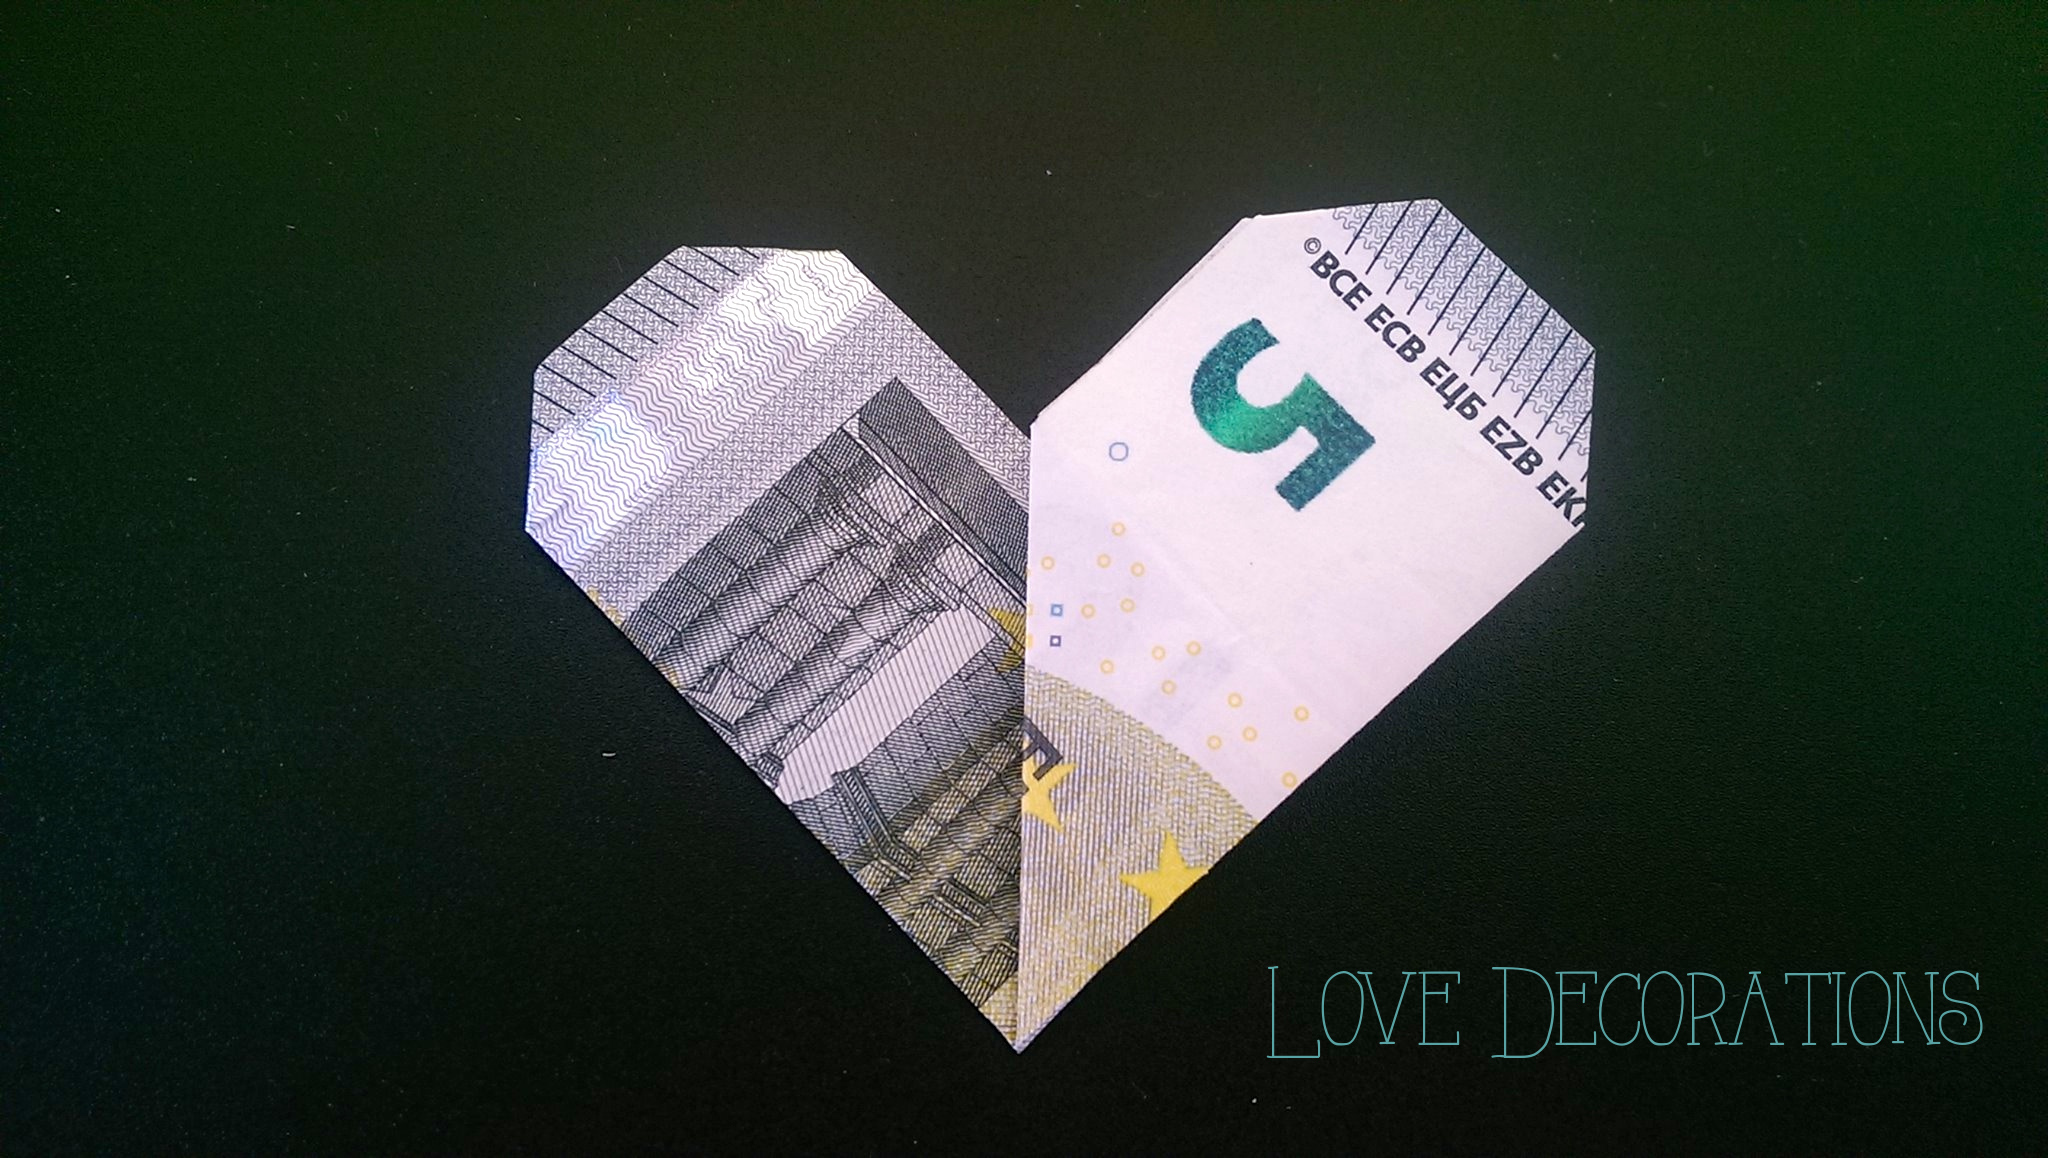 Geldschein Falten Herz Love Decorations